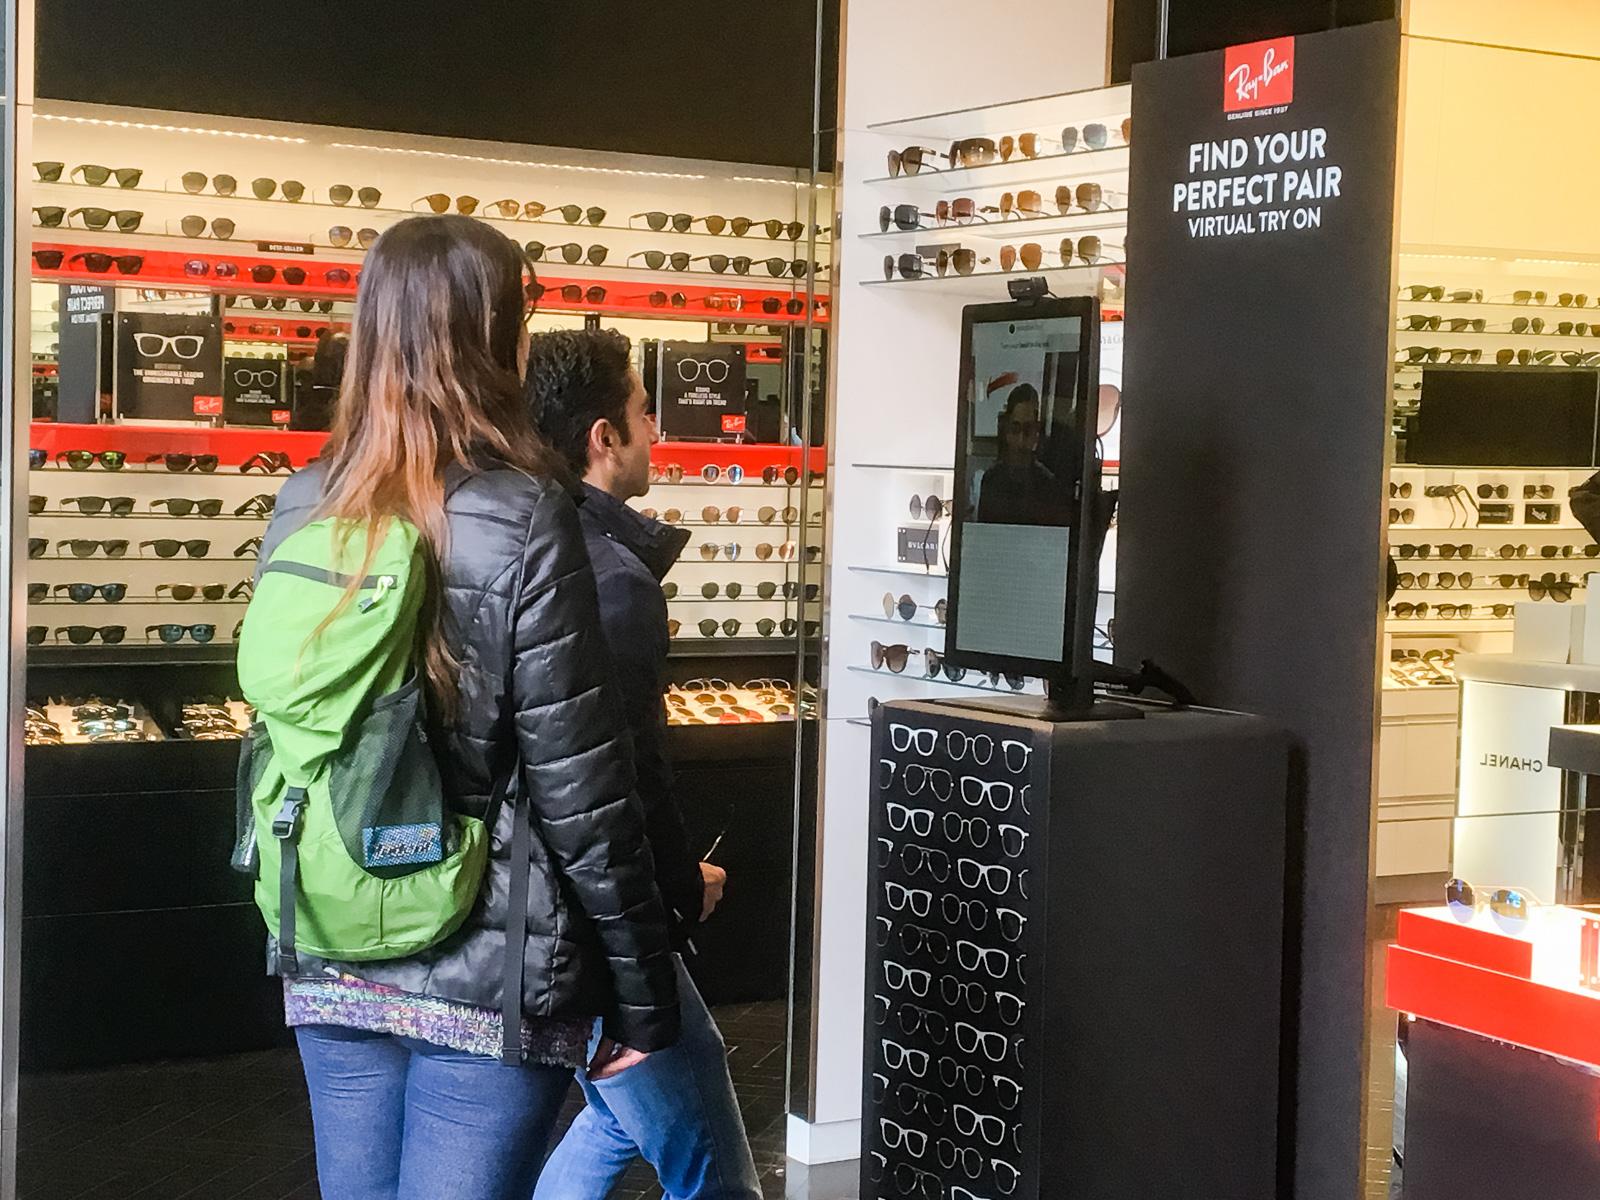 Sunglass Hut Kiosk April Trials – 0002_edit